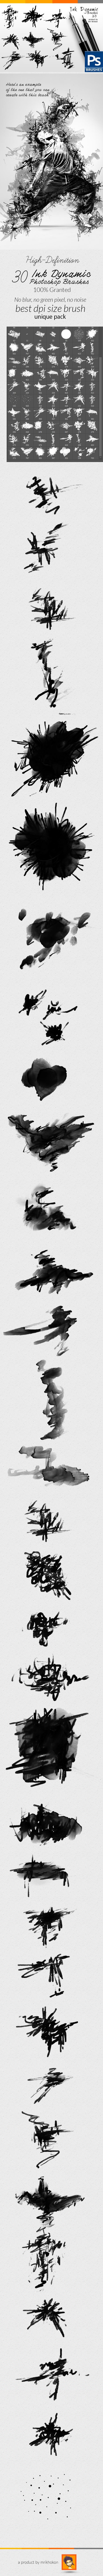 Ink Dynamic Brushes - Brushes Photoshop